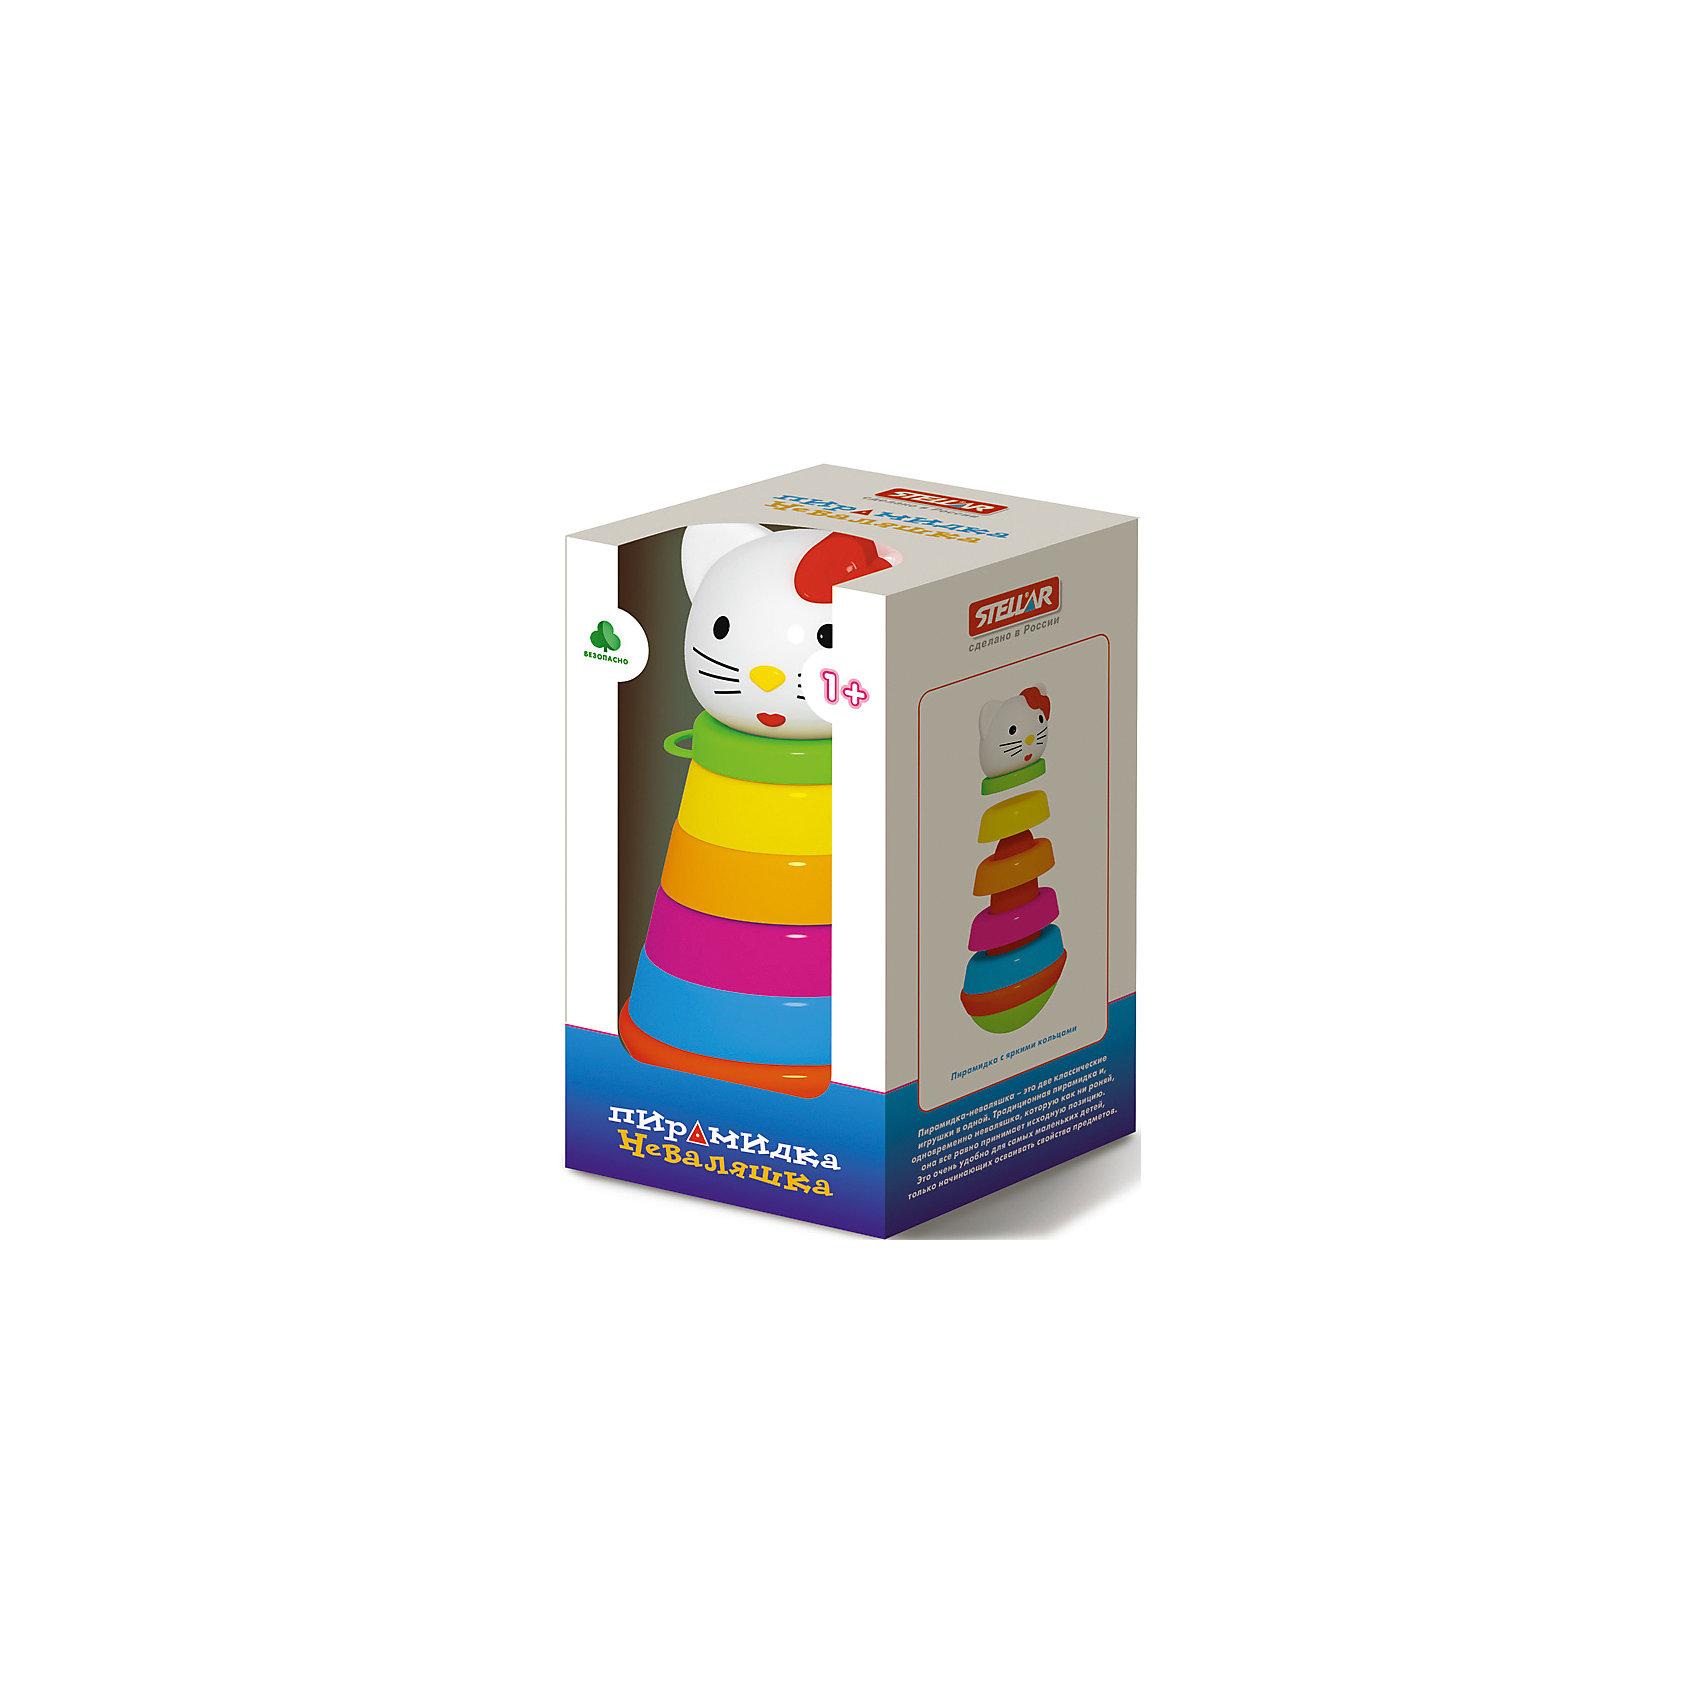 Пирамидка Неваляшкав коробке, StellarПирамидки<br>Характеристики товара:<br><br>- цвет: разноцветный;<br>- материал: пластик;<br>- развивающая;<br>- возраст: от 1 года;<br>- размер: 11x11x24 см.<br><br>Пирамидки могут не только развлекать малыша, но и помогать его всестороннему развитию. Этот набор предназначен для формирования разных навыков, он помогает развить тактильное восприятие, мелкую моторику, воображение, цветовосприятие, внимание и логику. Также пирамидка дополнена особым основанием, с помощью которого в собранном виде становится игрушкой-неваляшкой. <br>С такой игрушкой детям очень нравится проводить время! Изделие произведено из качественных материалов, безопасных для ребенка.<br><br>Пирамидку Неваляшка в коробке от бренда Stellar можно купить в нашем интернет-магазине.<br><br>Ширина мм: 110<br>Глубина мм: 110<br>Высота мм: 210<br>Вес г: 375<br>Возраст от месяцев: 12<br>Возраст до месяцев: 2147483647<br>Пол: Унисекс<br>Возраст: Детский<br>SKU: 5079960